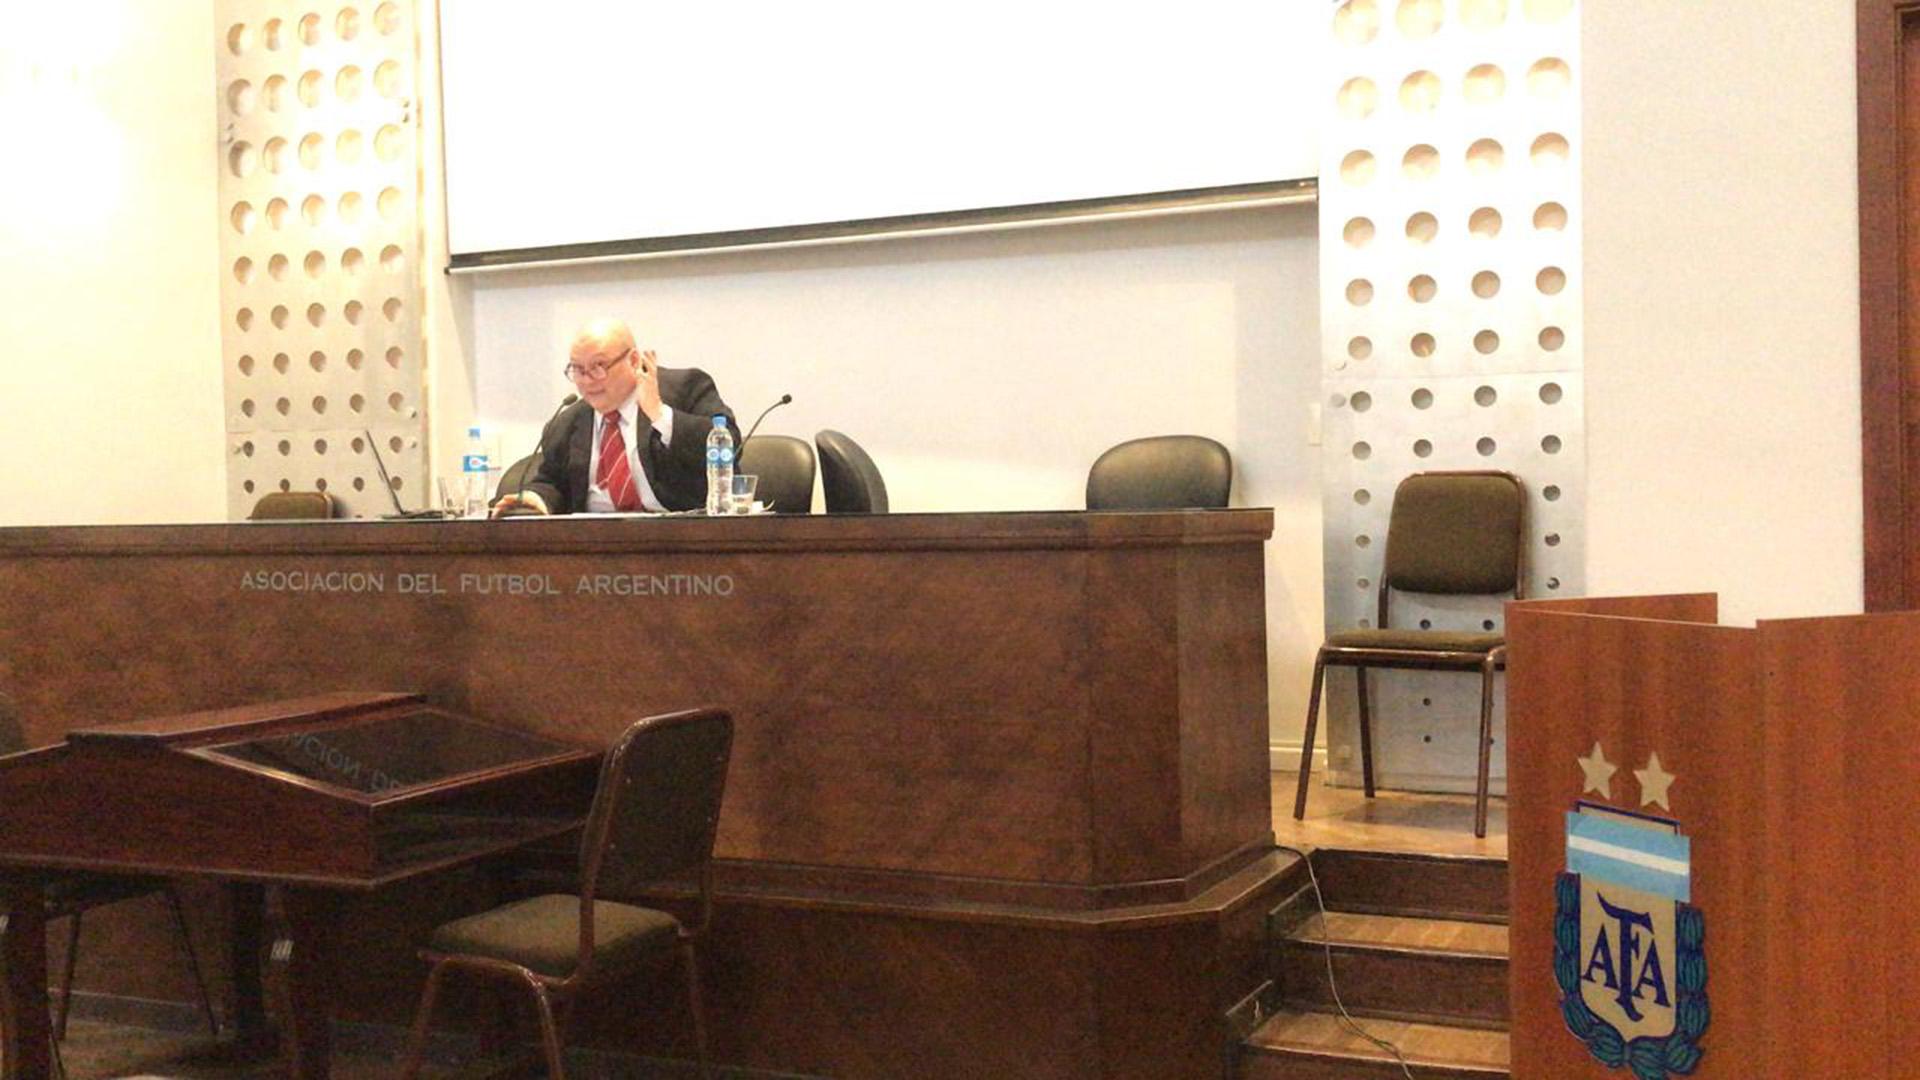 Eduardo Pennisi, el profesor a cargo de la charla en el salón del tercer piso de la AFA